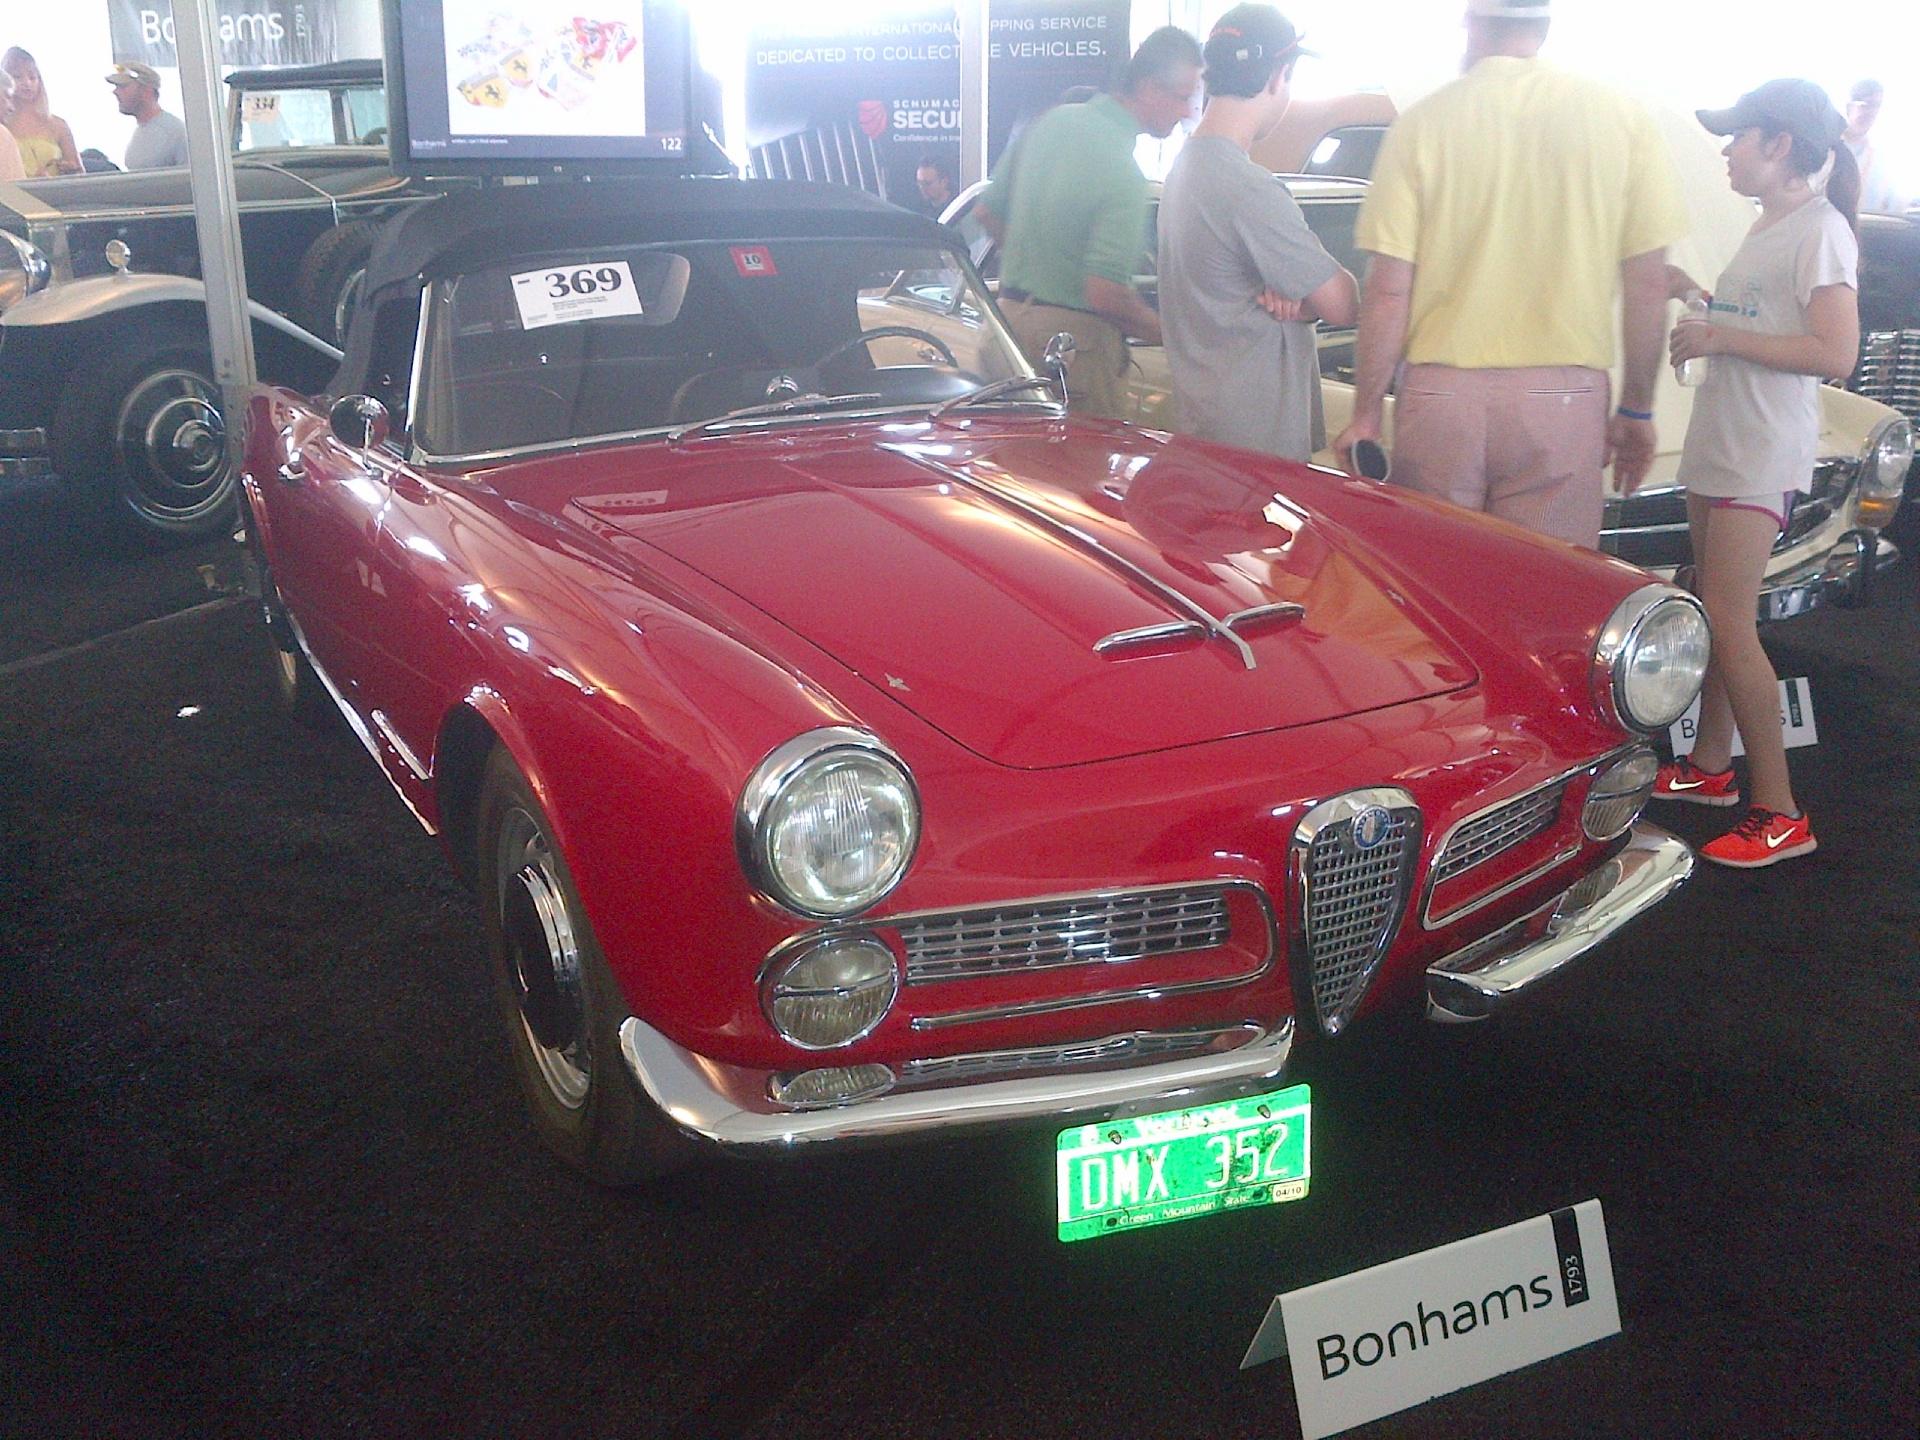 1959 alfa romeo 2000 touring stock alfaromeotouring for sale near new york ny ny alfa romeo - Nearest alfa romeo garage ...